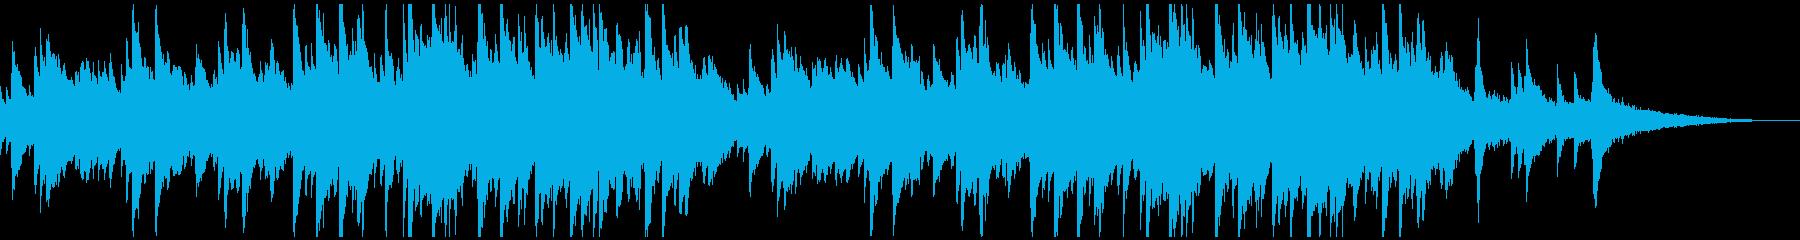 シリアスなピアノメインの曲の再生済みの波形